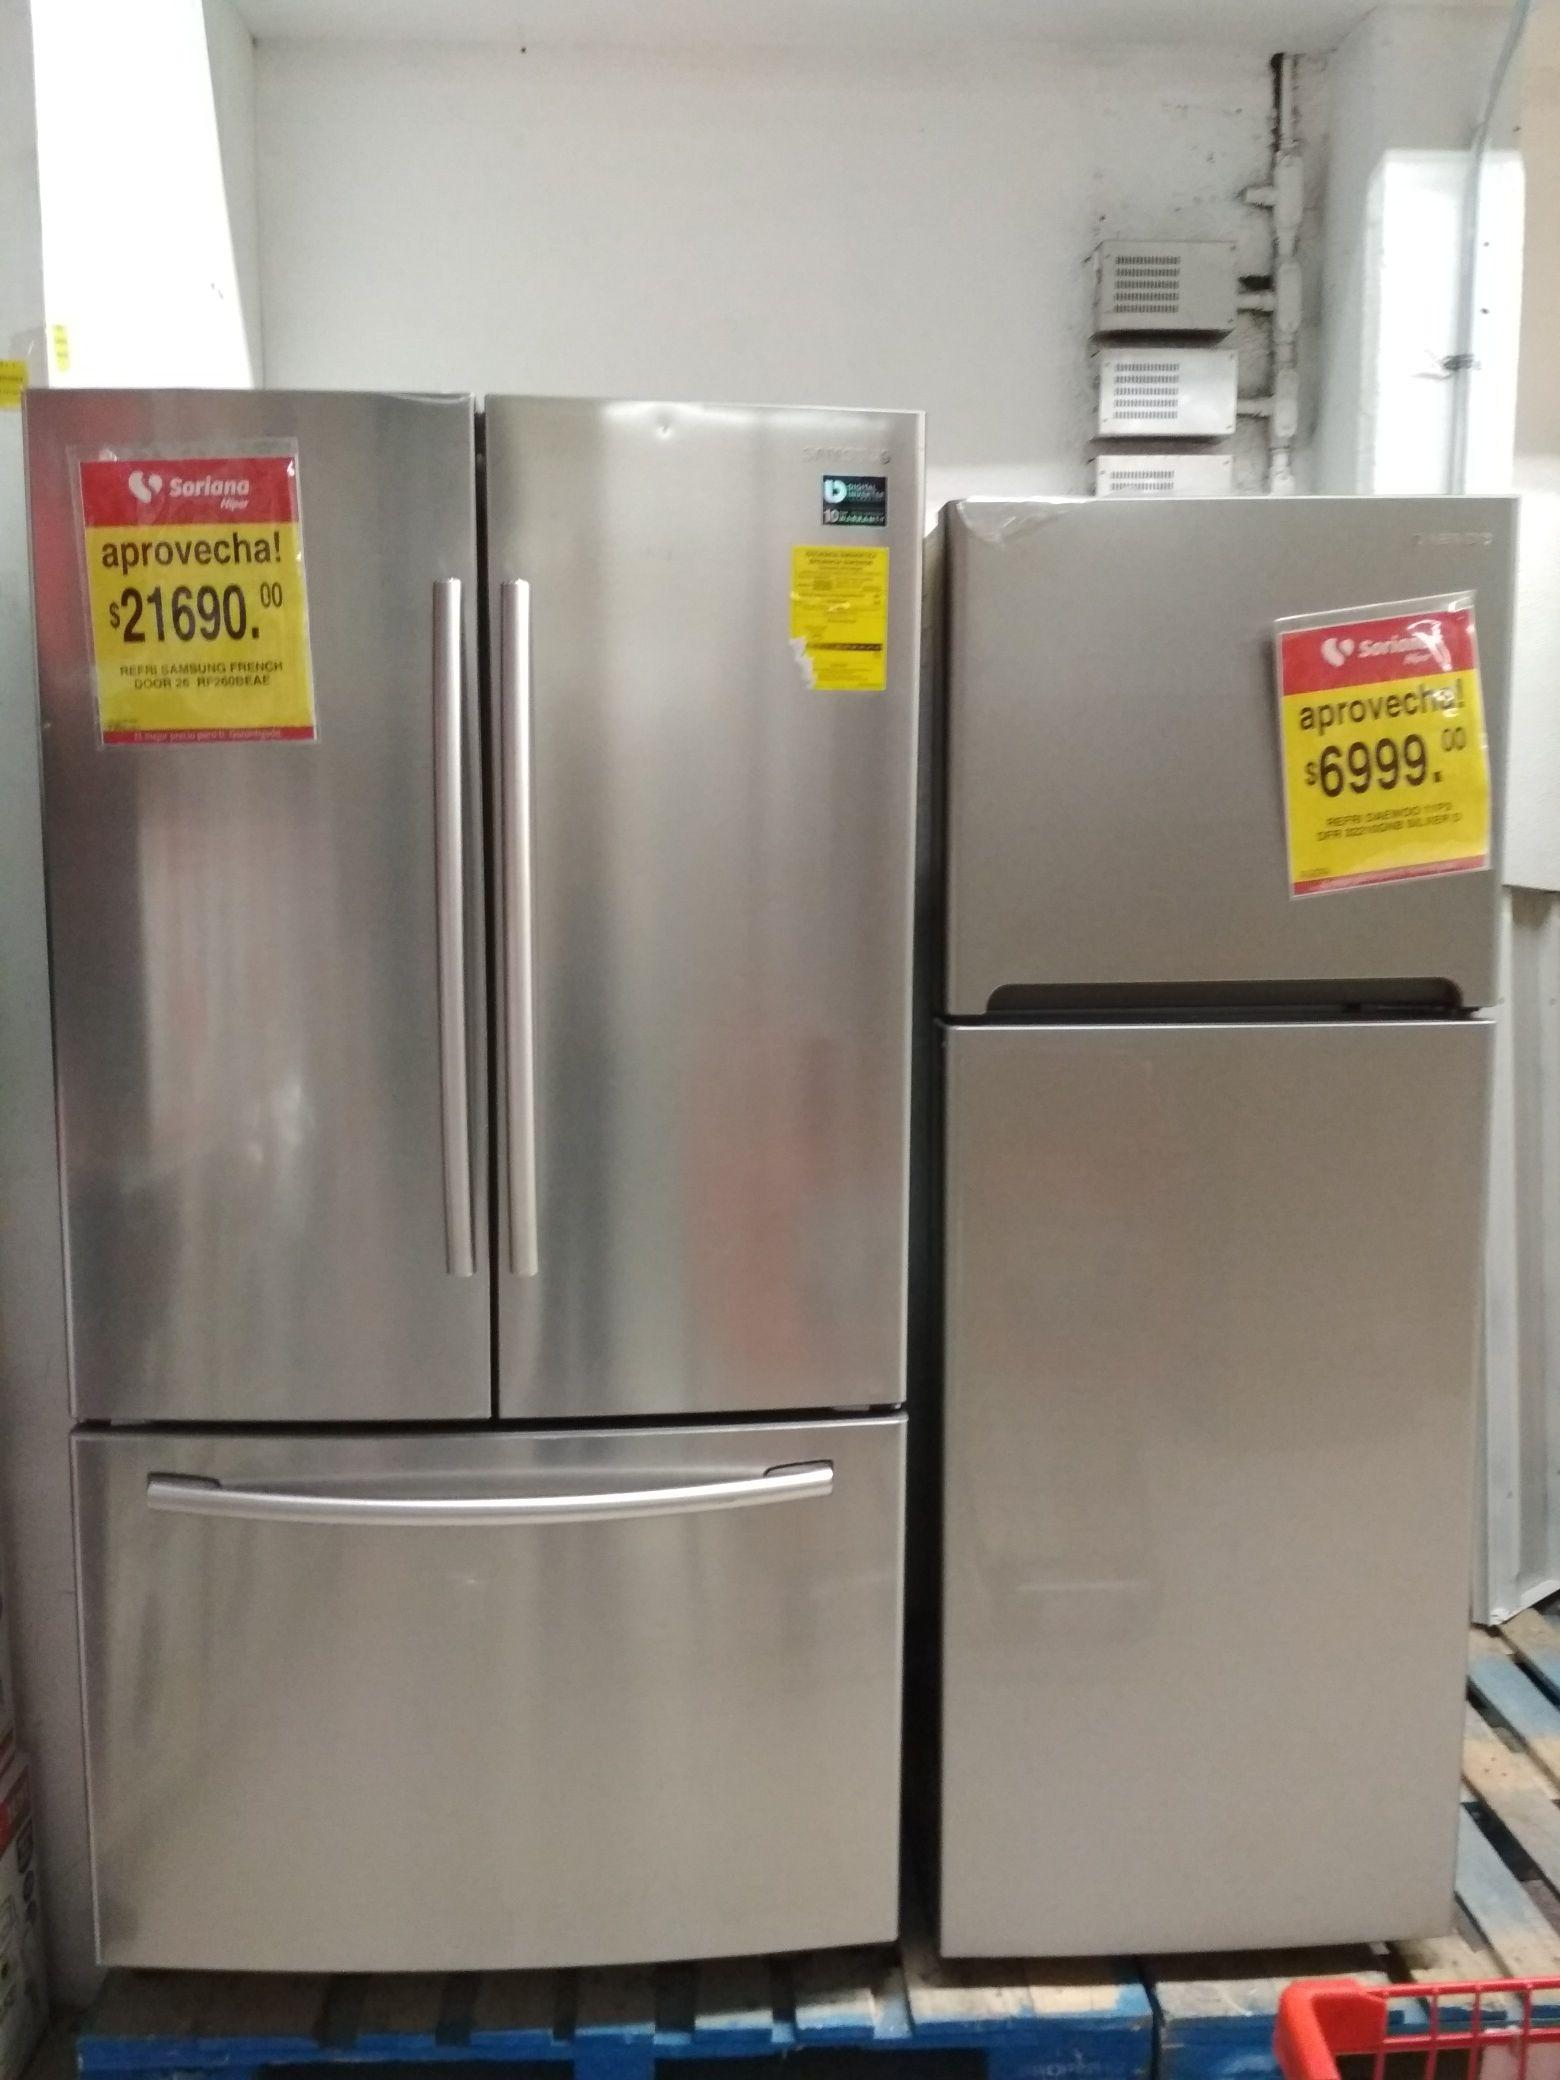 Soriana hiper: Refrigerador French Door 26 pies cúbicos 70% de descuento